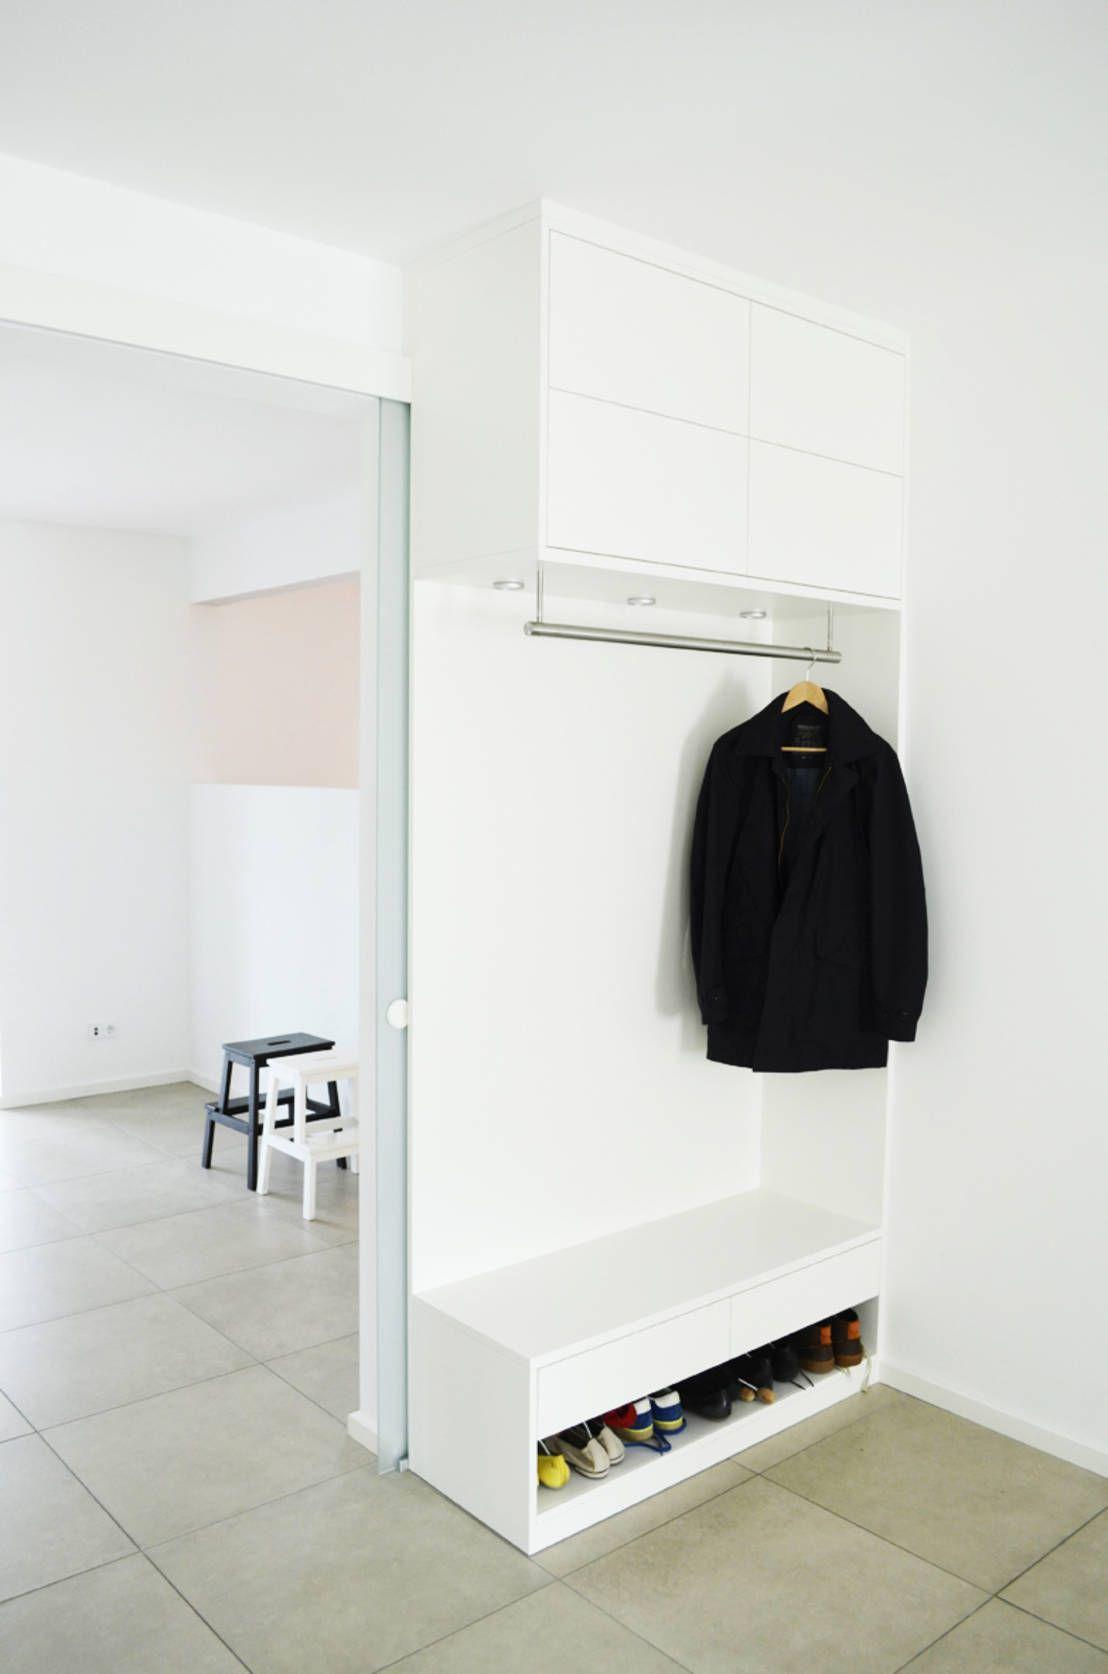 umgestaltung wohnraum von honeyandspice innenarchitektur design diele treppe pinterest. Black Bedroom Furniture Sets. Home Design Ideas